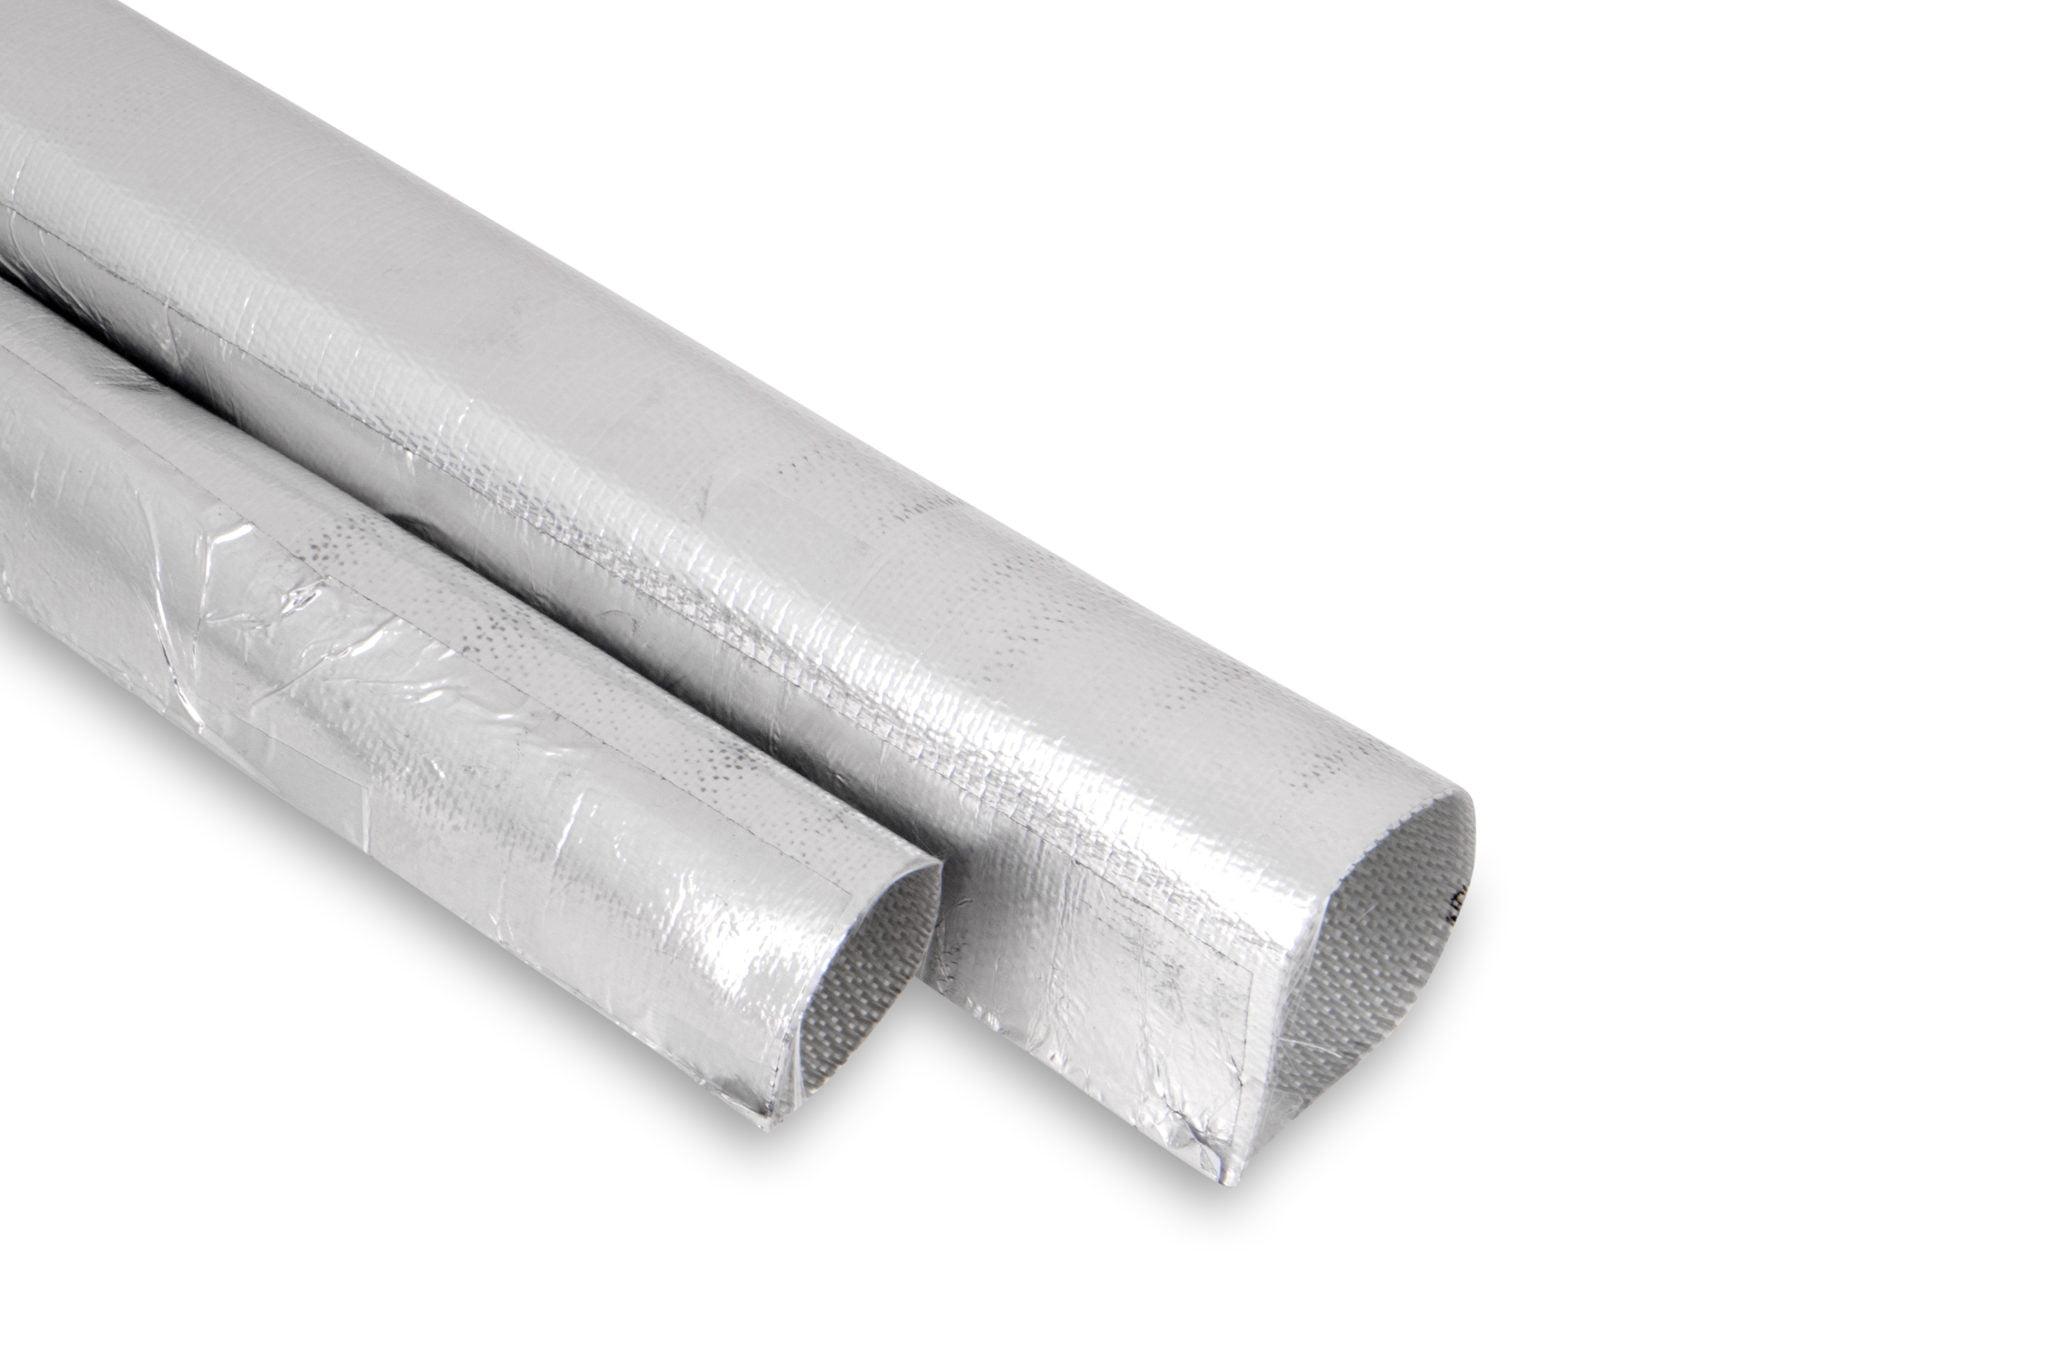 Funk Motorsport Silver Adhesive Heat Sleeving